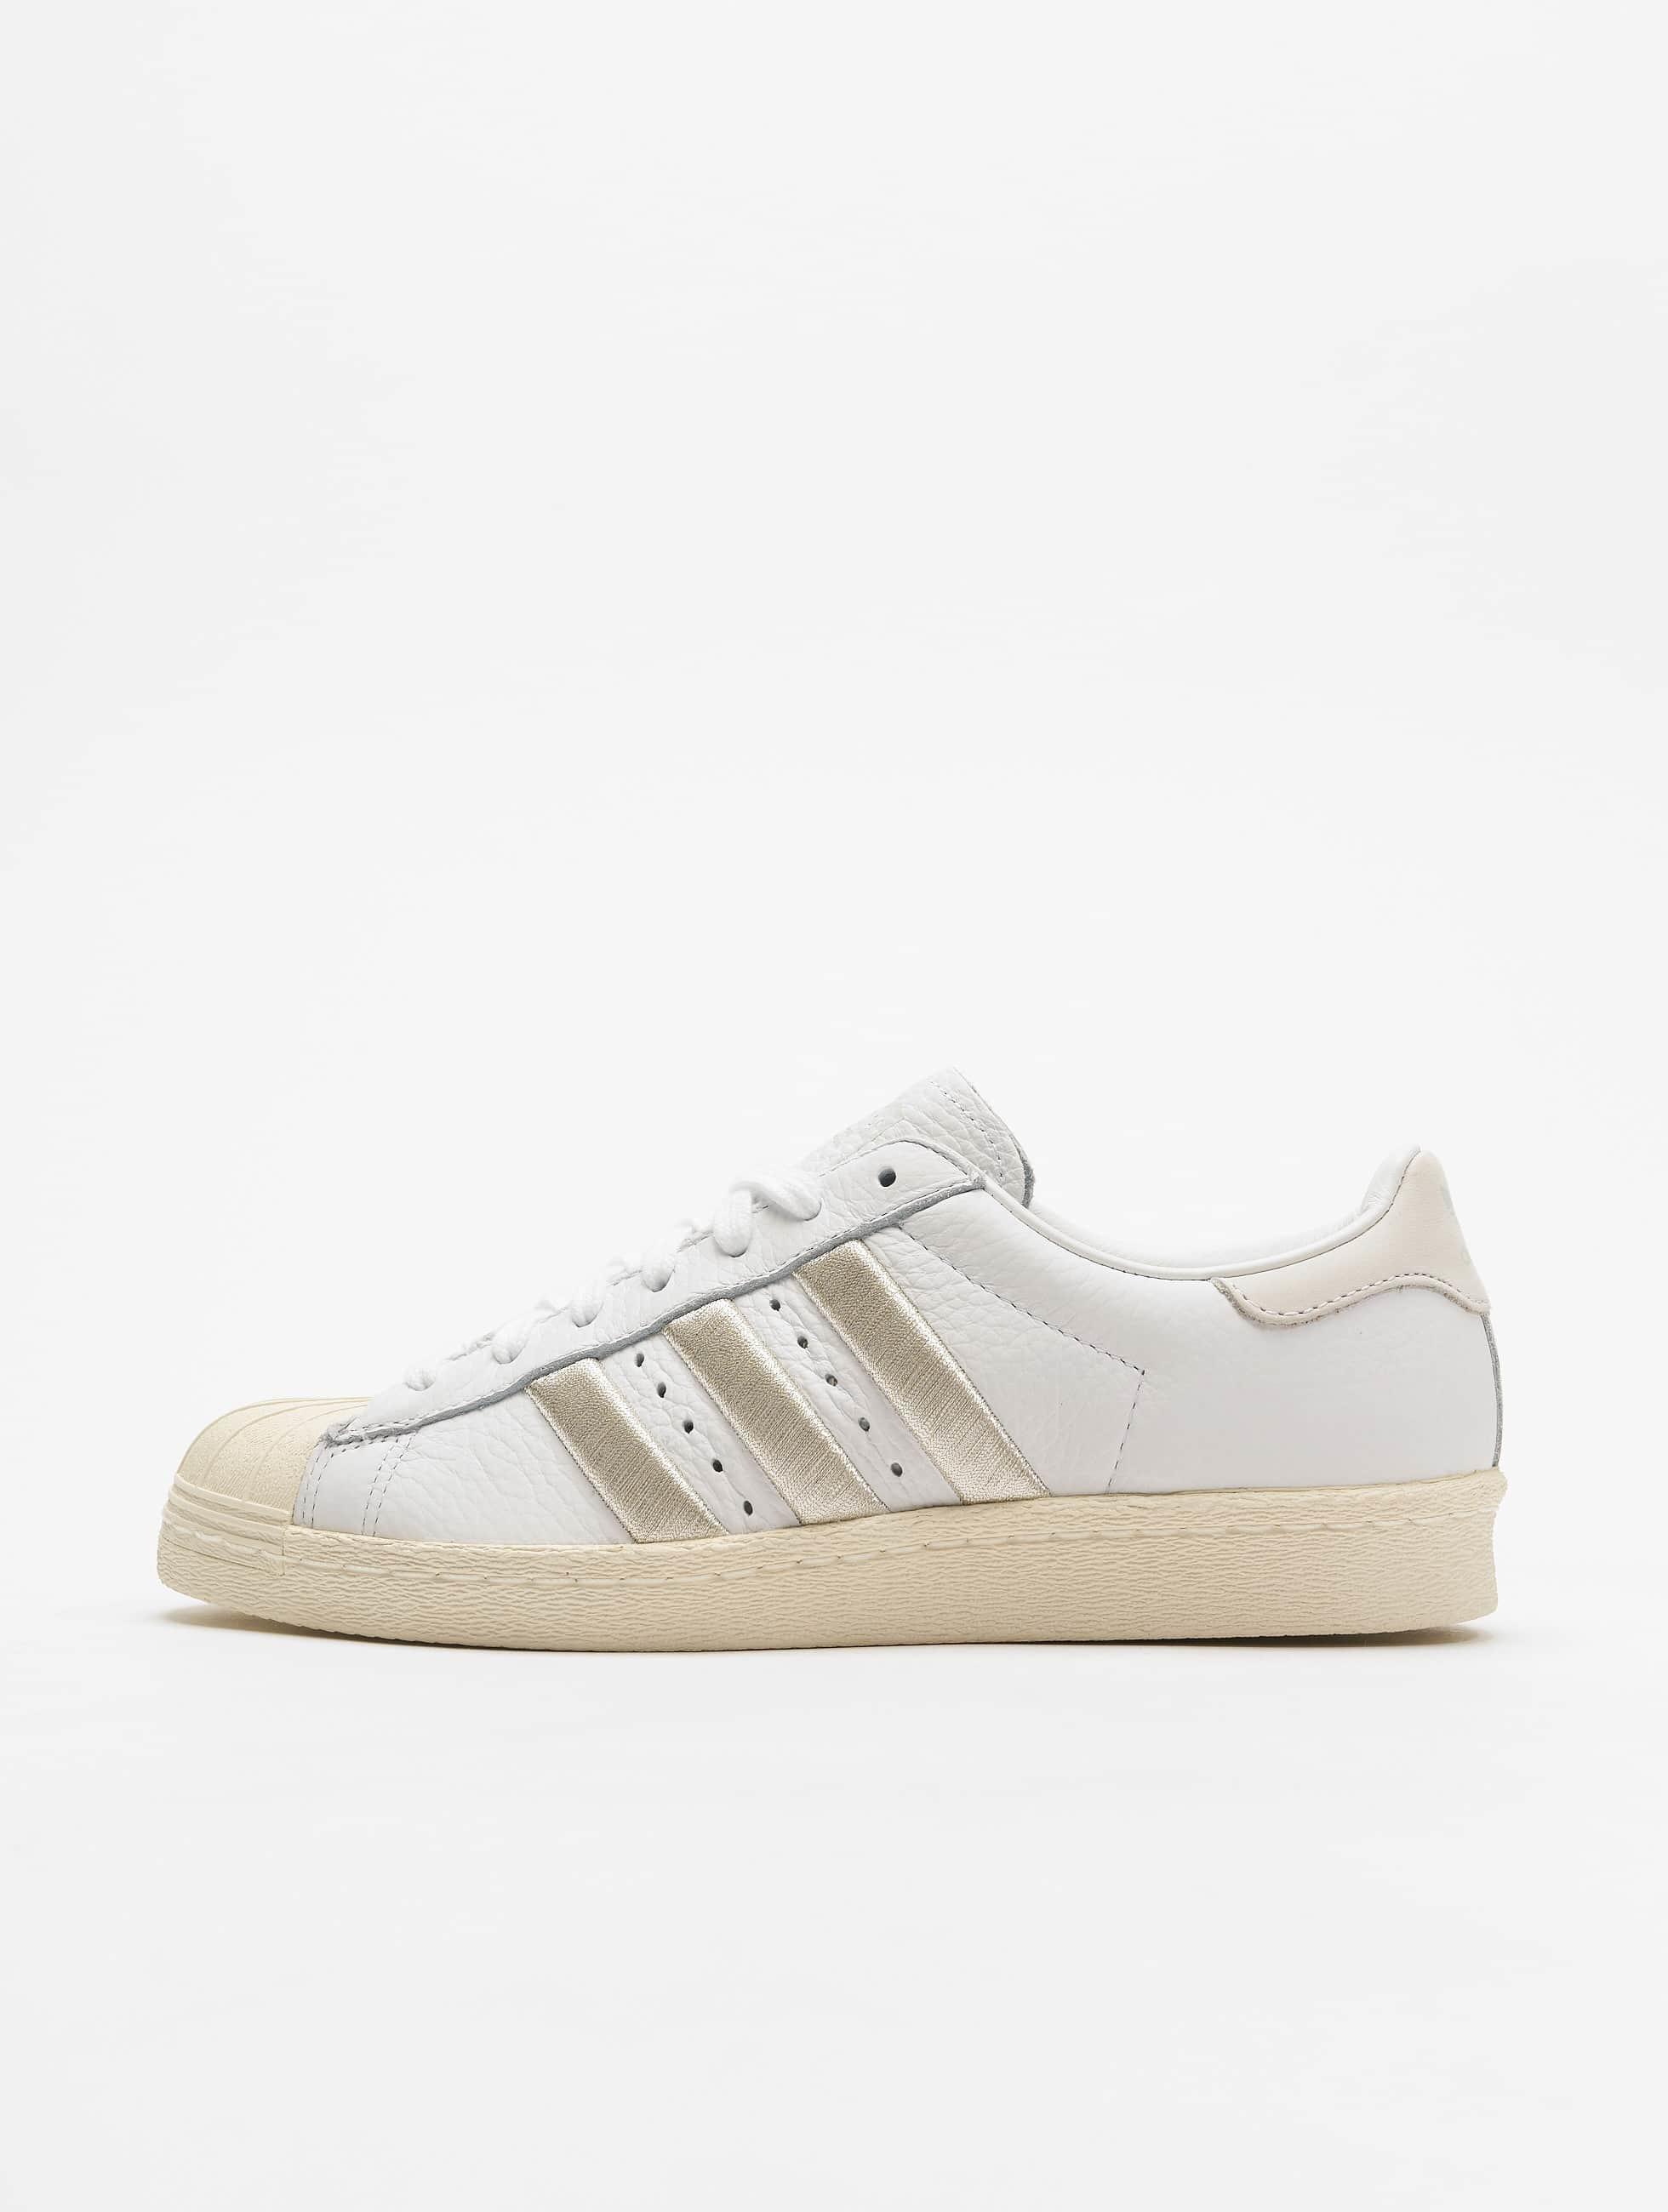 2b39cf4edb3 adidas originals schoen / sneaker Superstar 80s in wit 599744